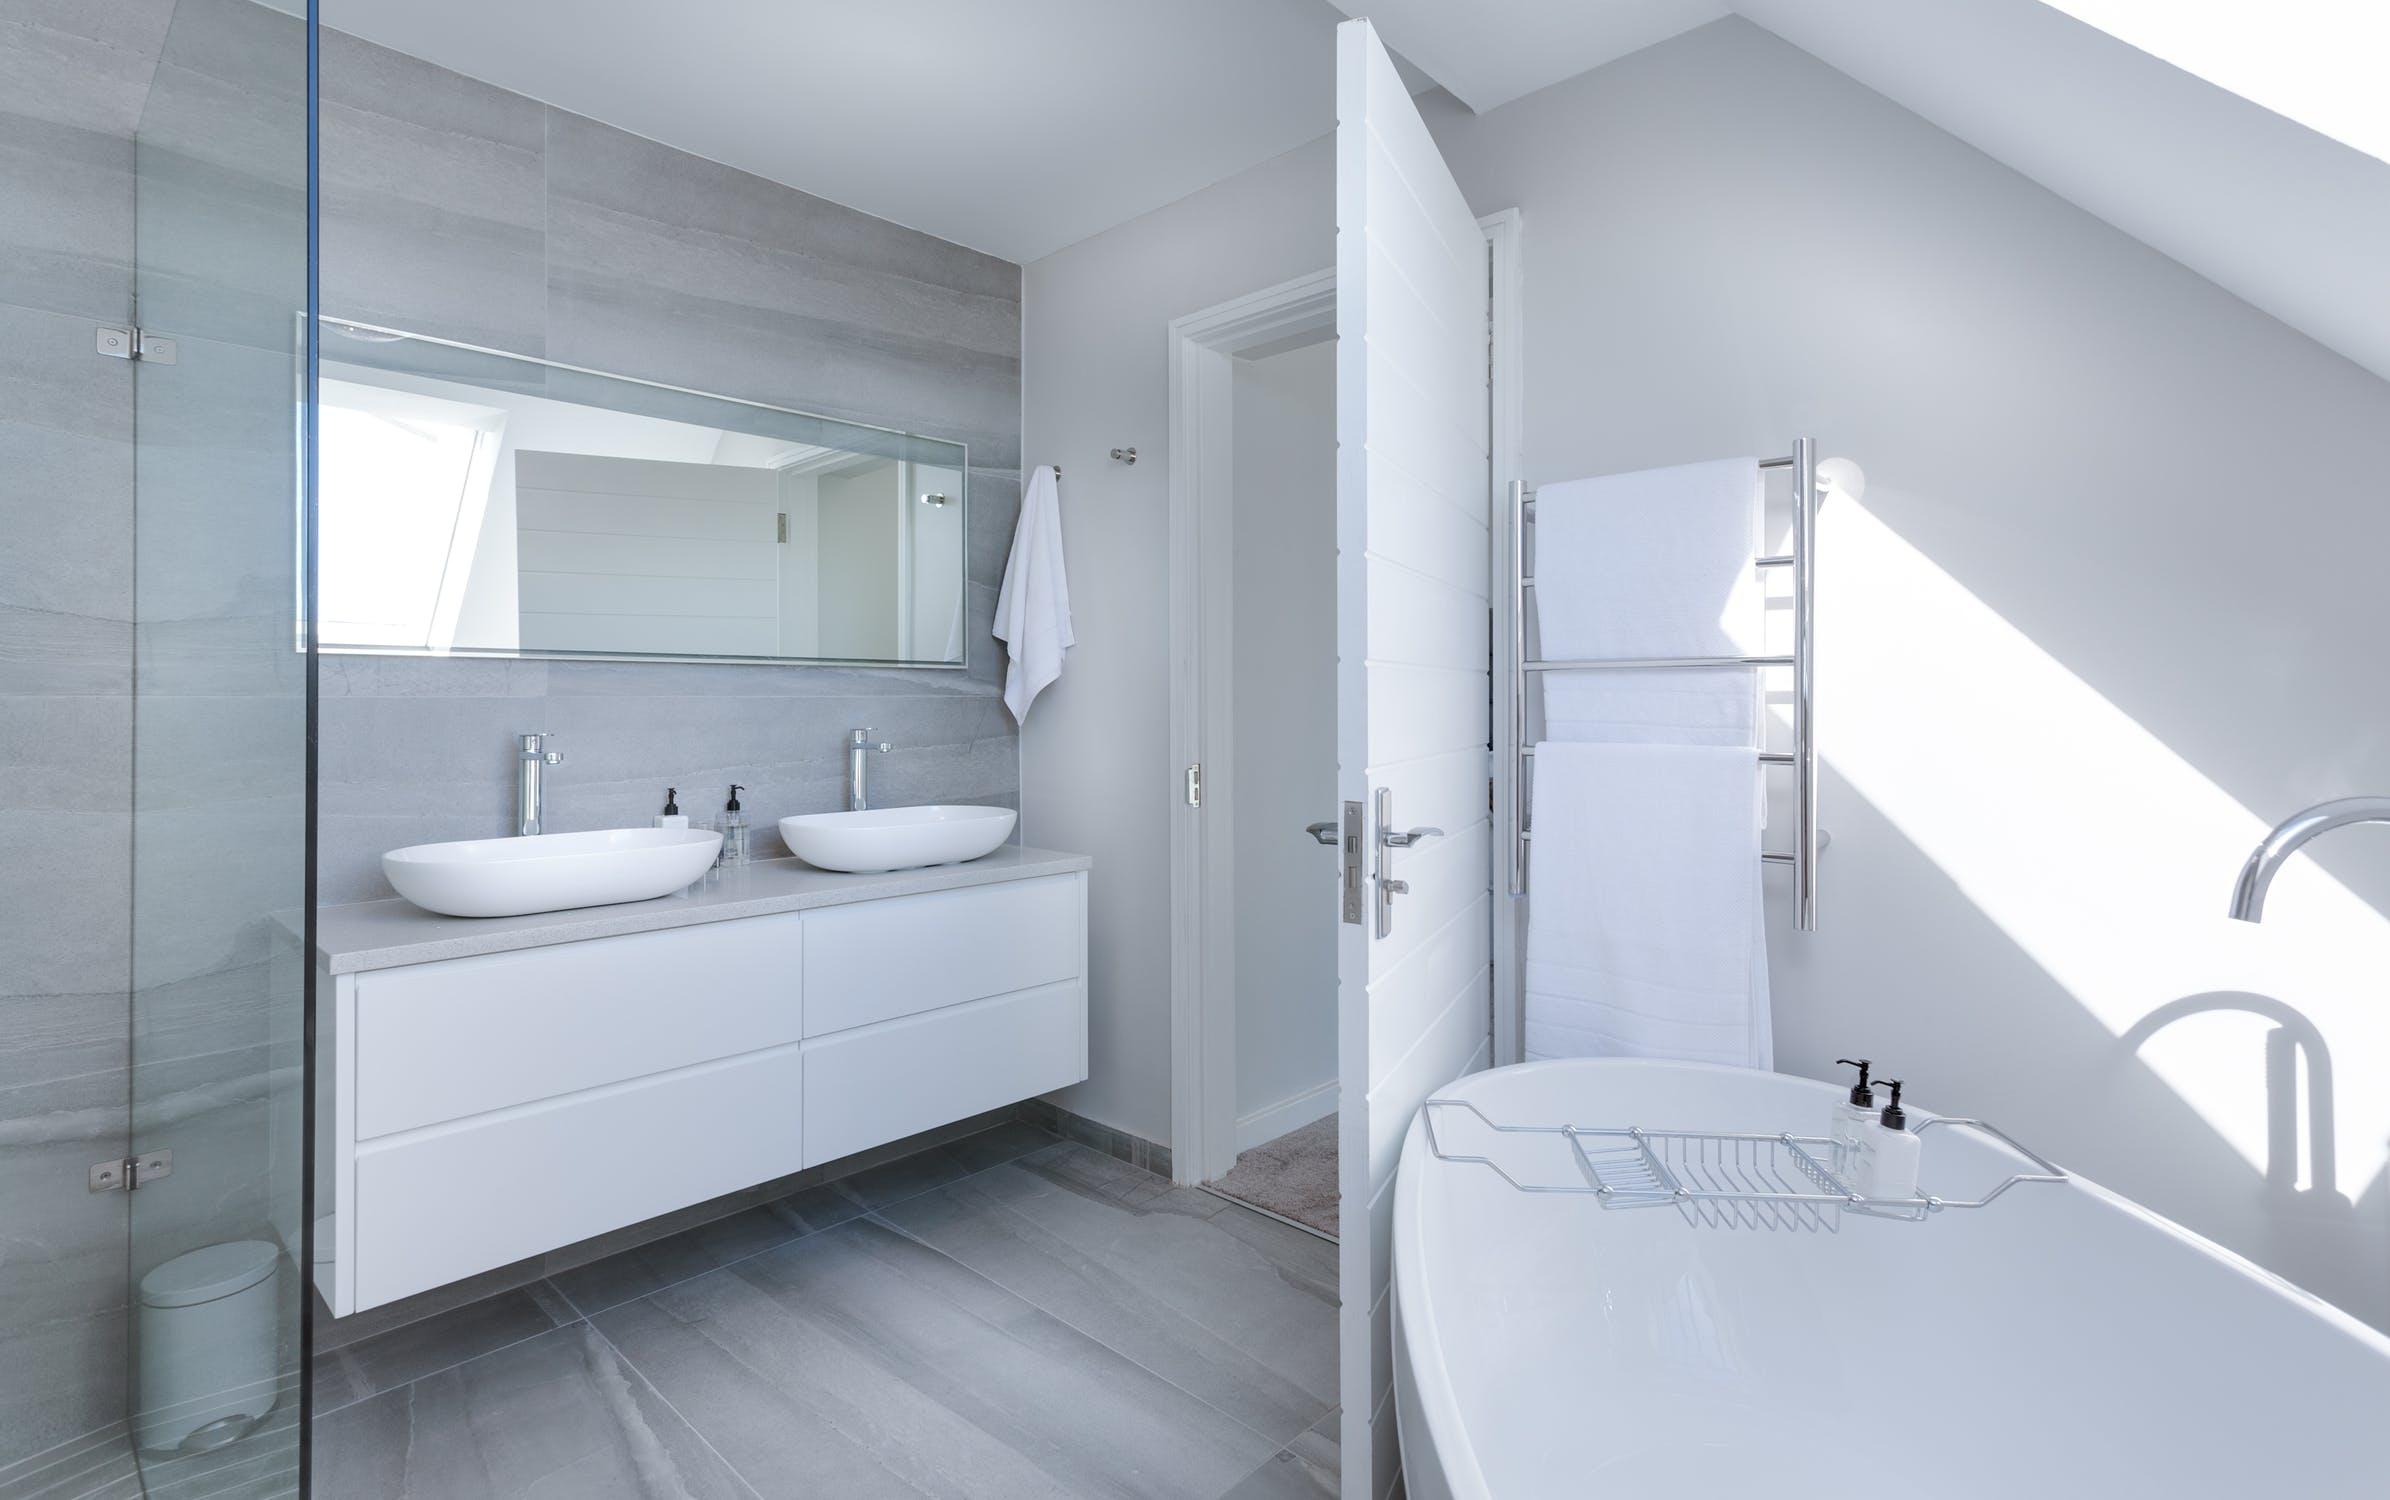 Salle De Bain Image comment décorer sa salle de bain quand on est locataire - le